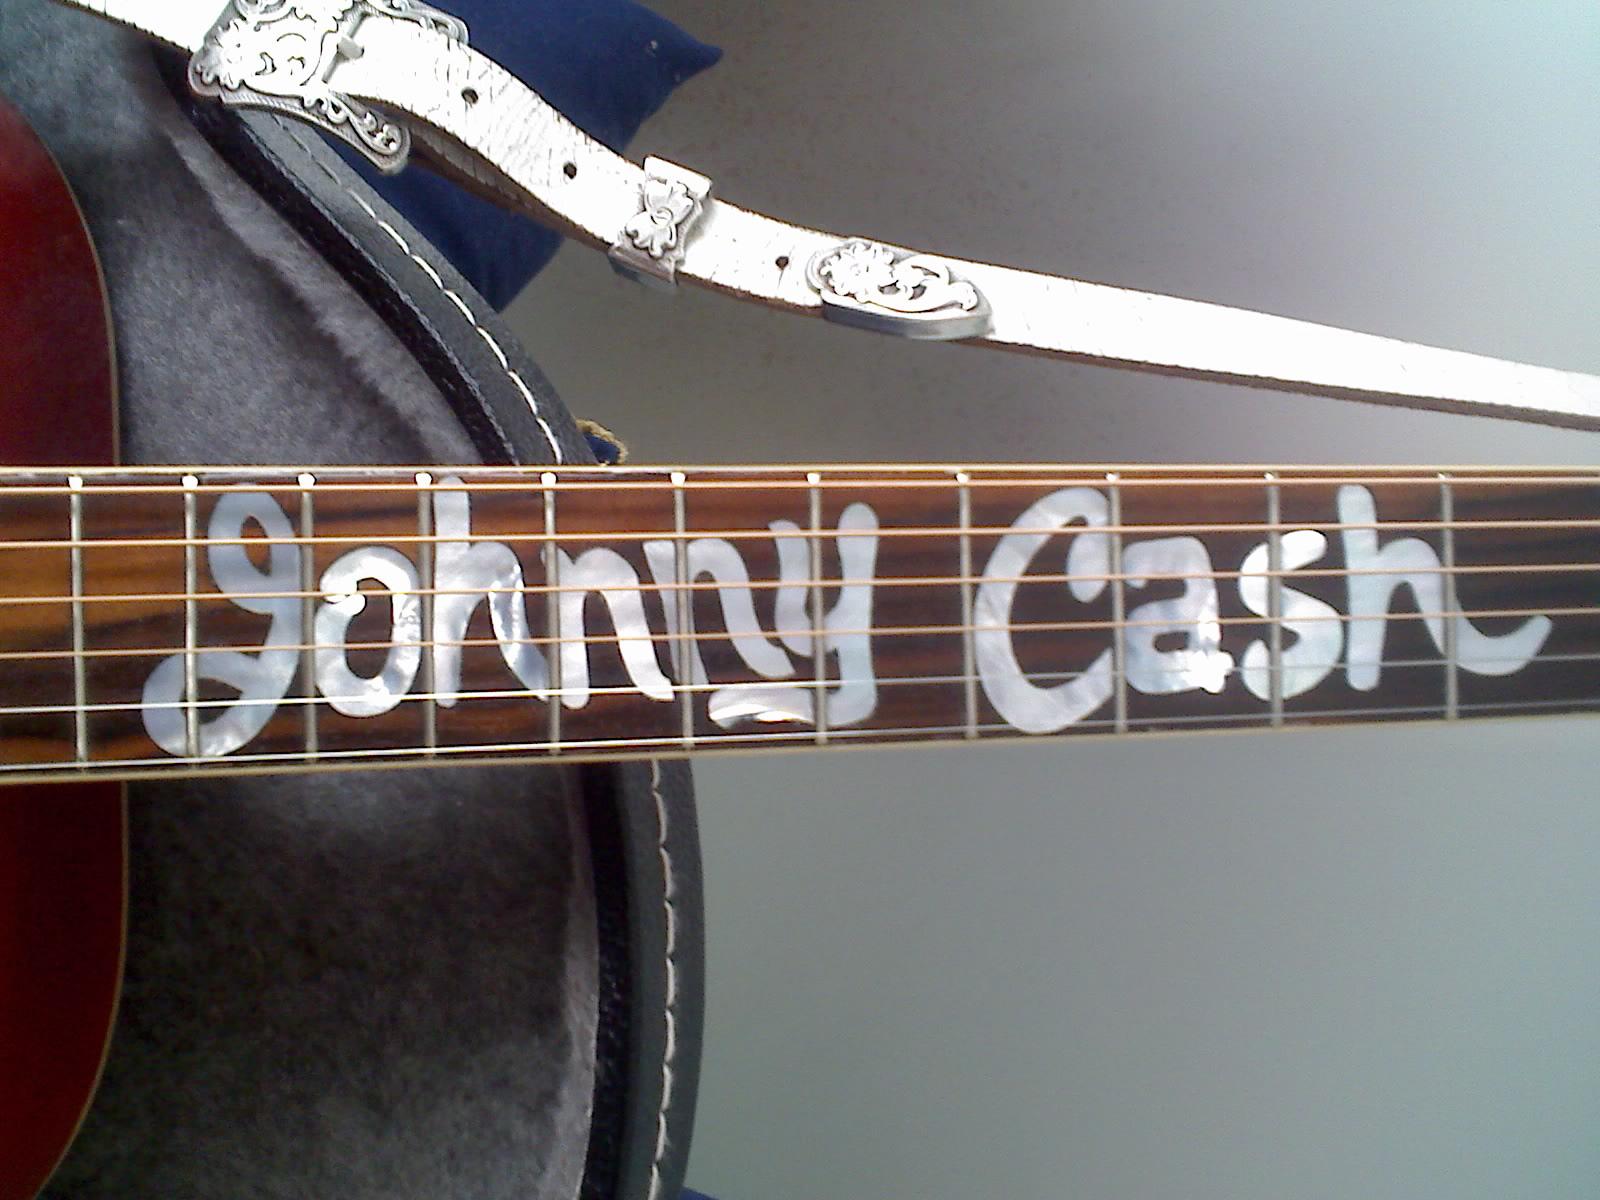 Johnny Cash Fretboard